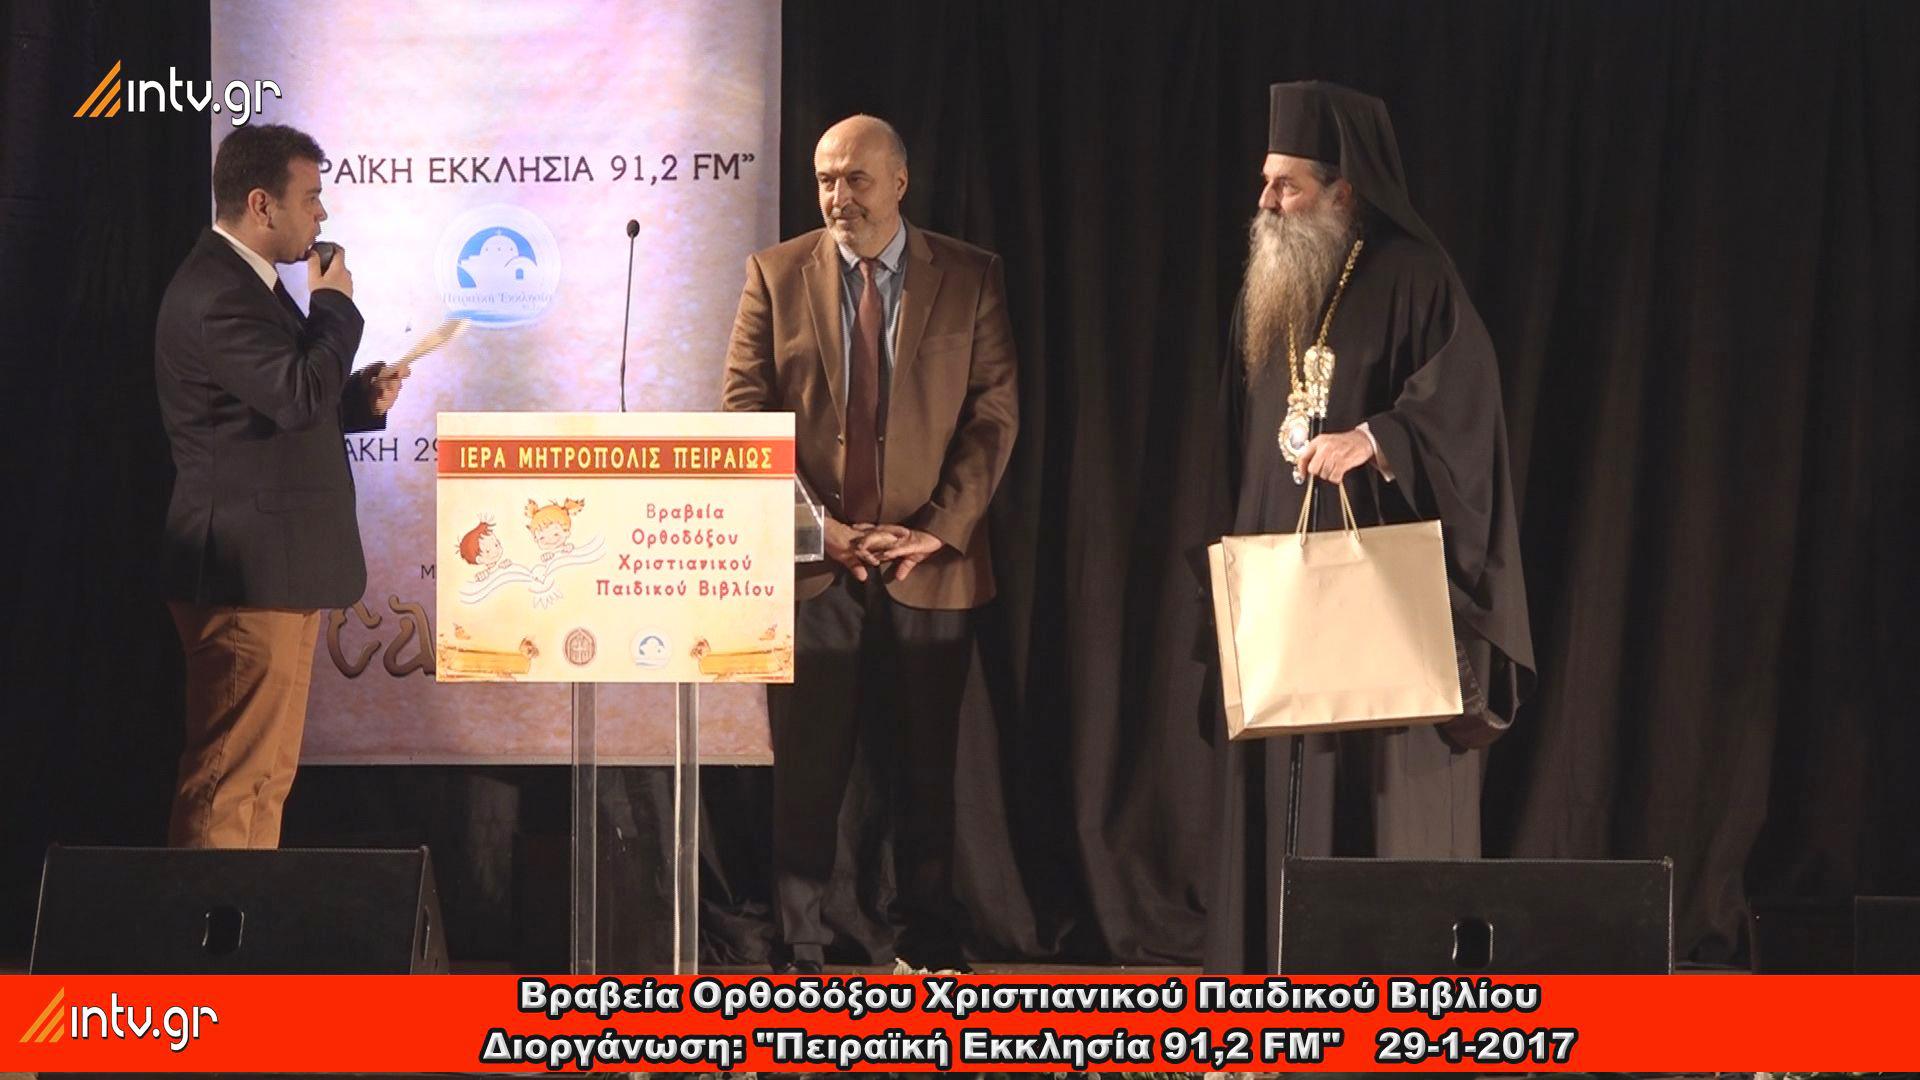 """Βραβεία Ορθοδόξου Χριστιανικού Παιδικού Βιβλίου Διοργάνωση: """"Πειραϊκή Εκκλησία 91,2 FM"""""""